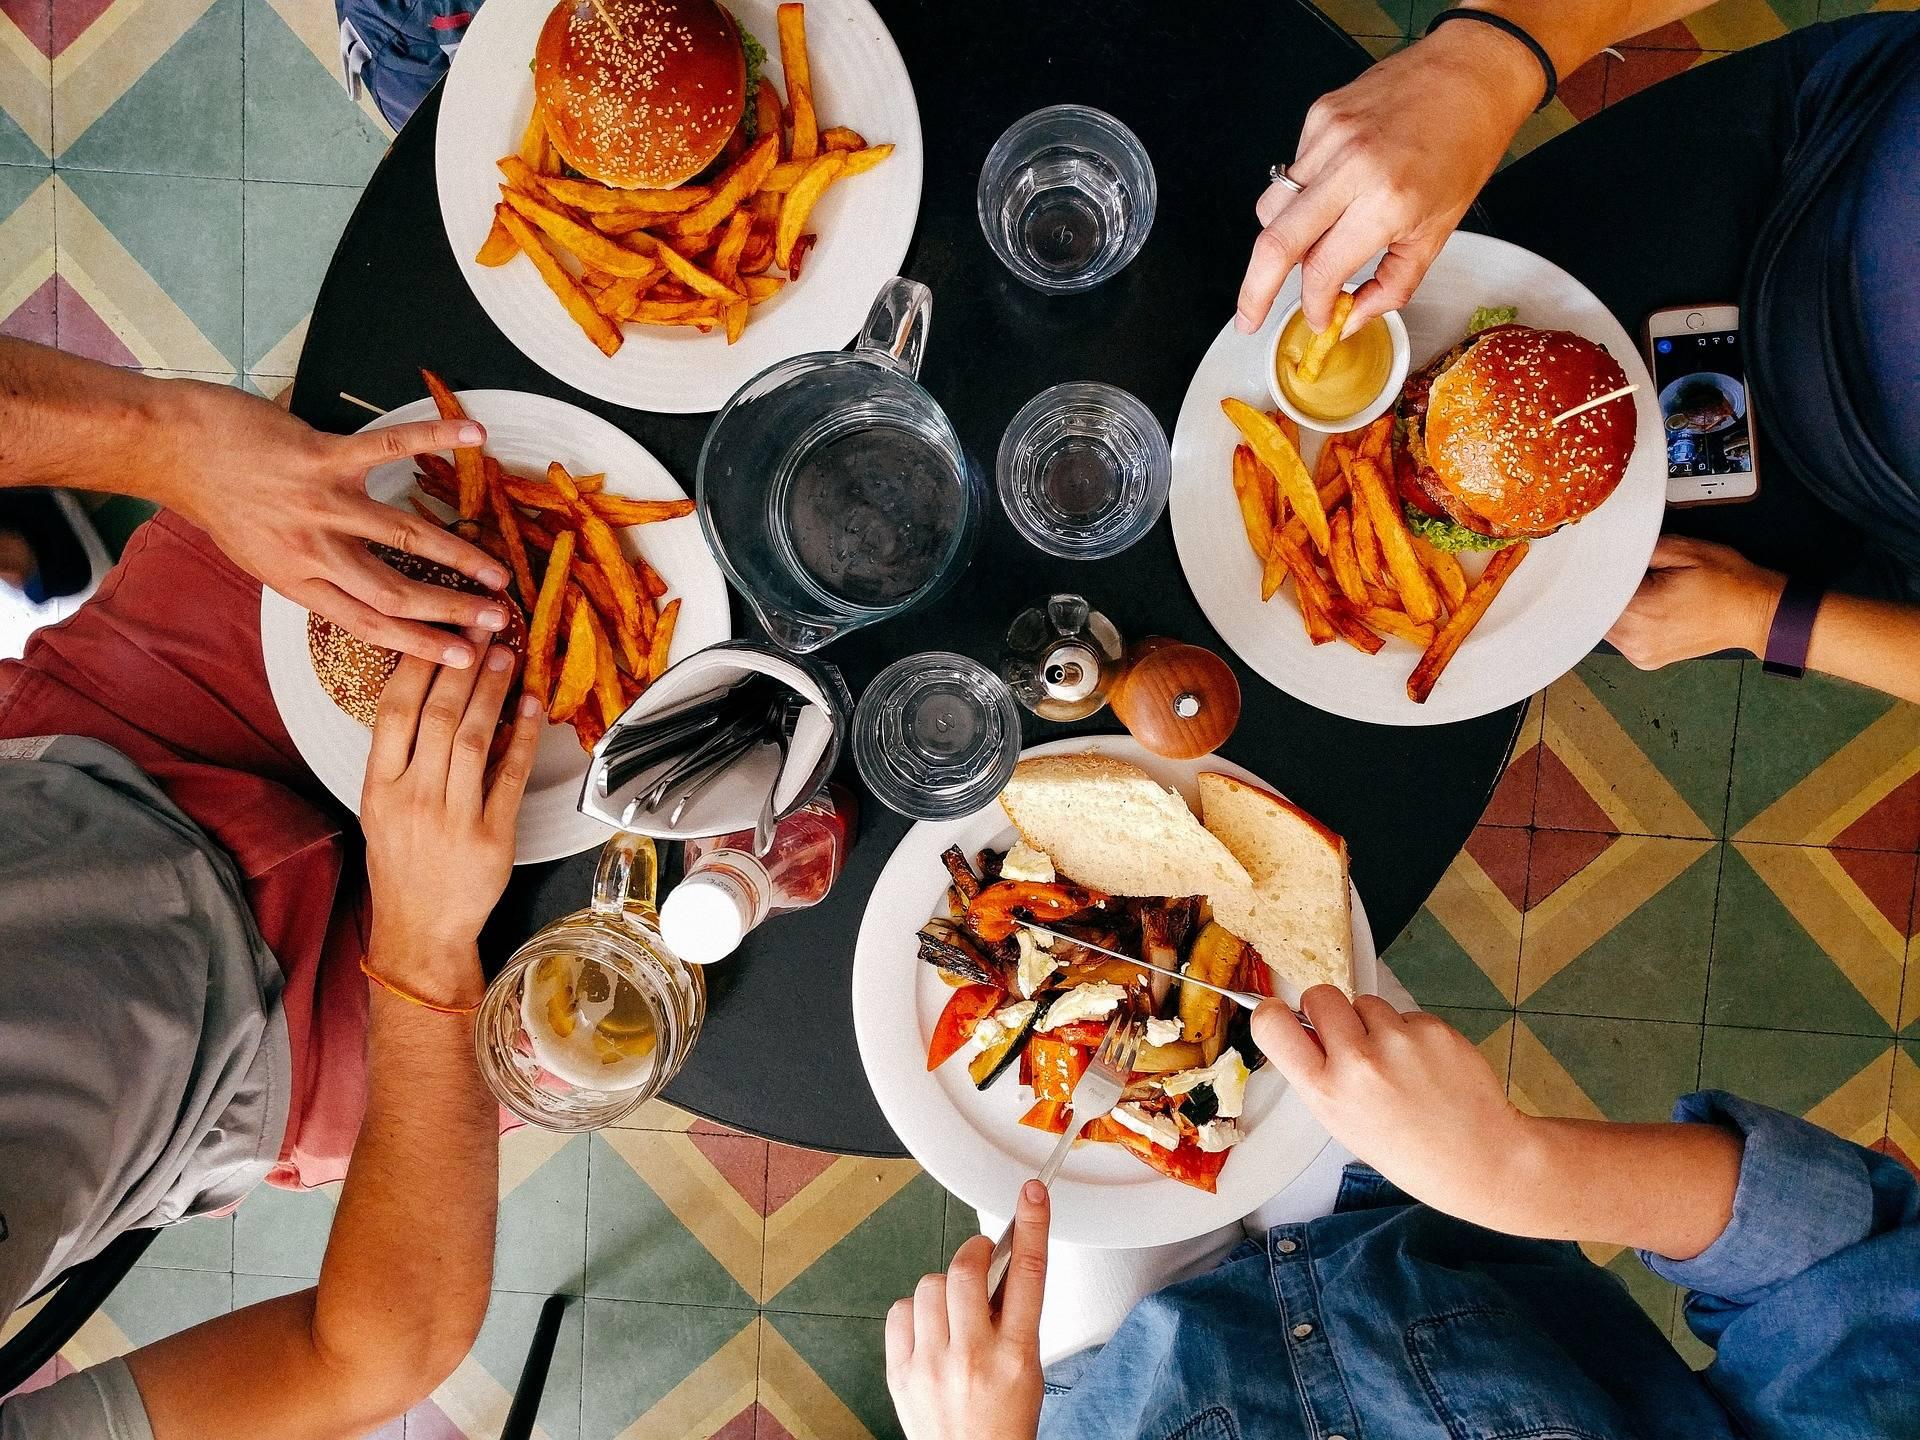 Estudio confirma que comemos más frente a familiares y amigos